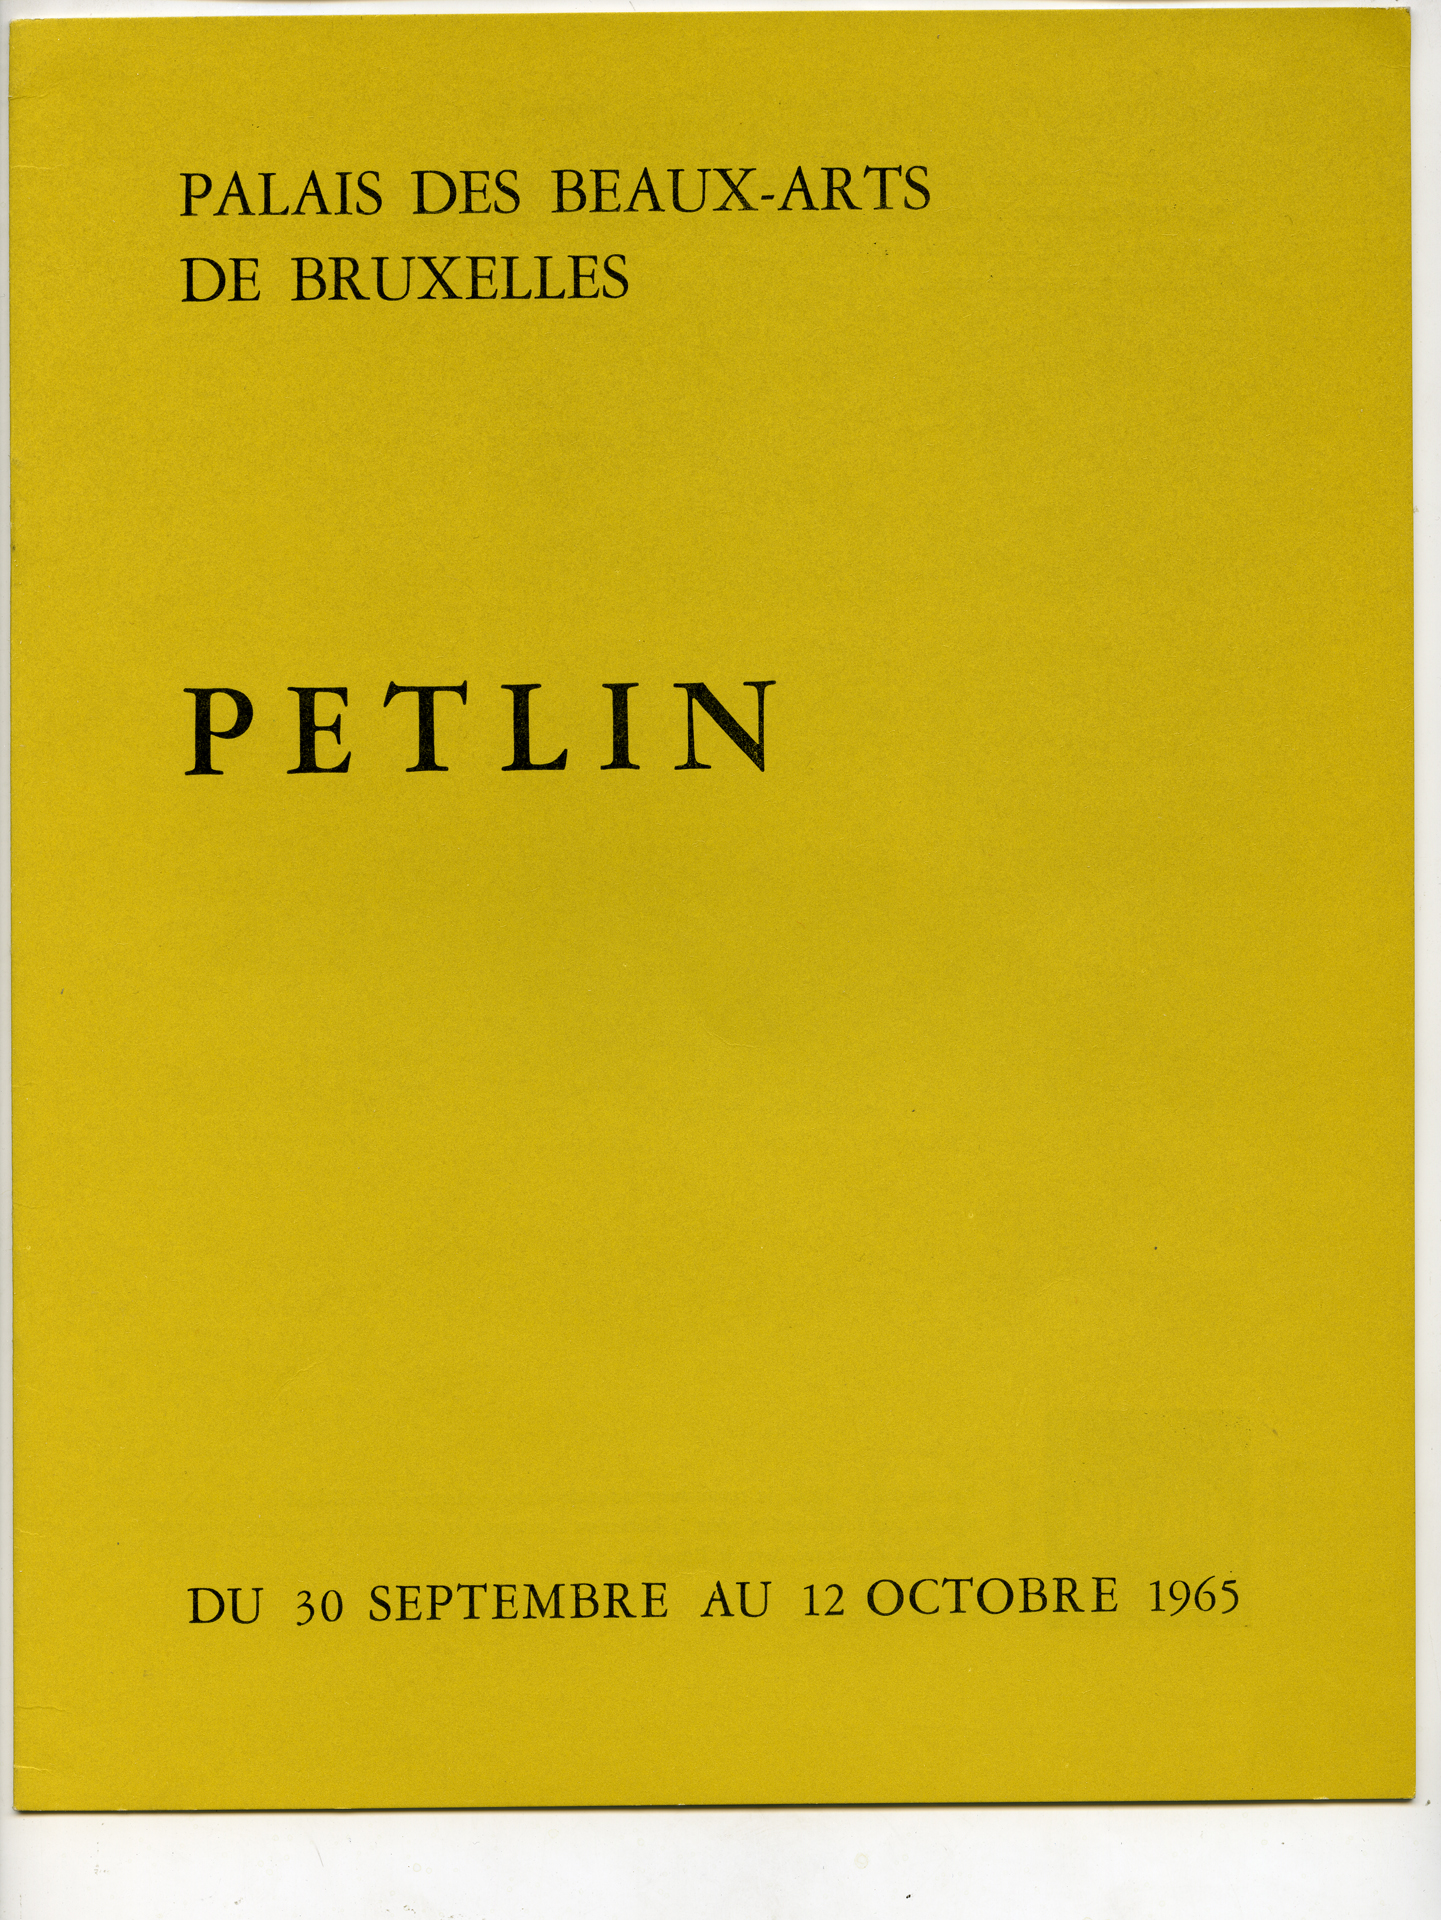 Exhibition at Palais ds Beaux Arts, Bruxelles (1965)